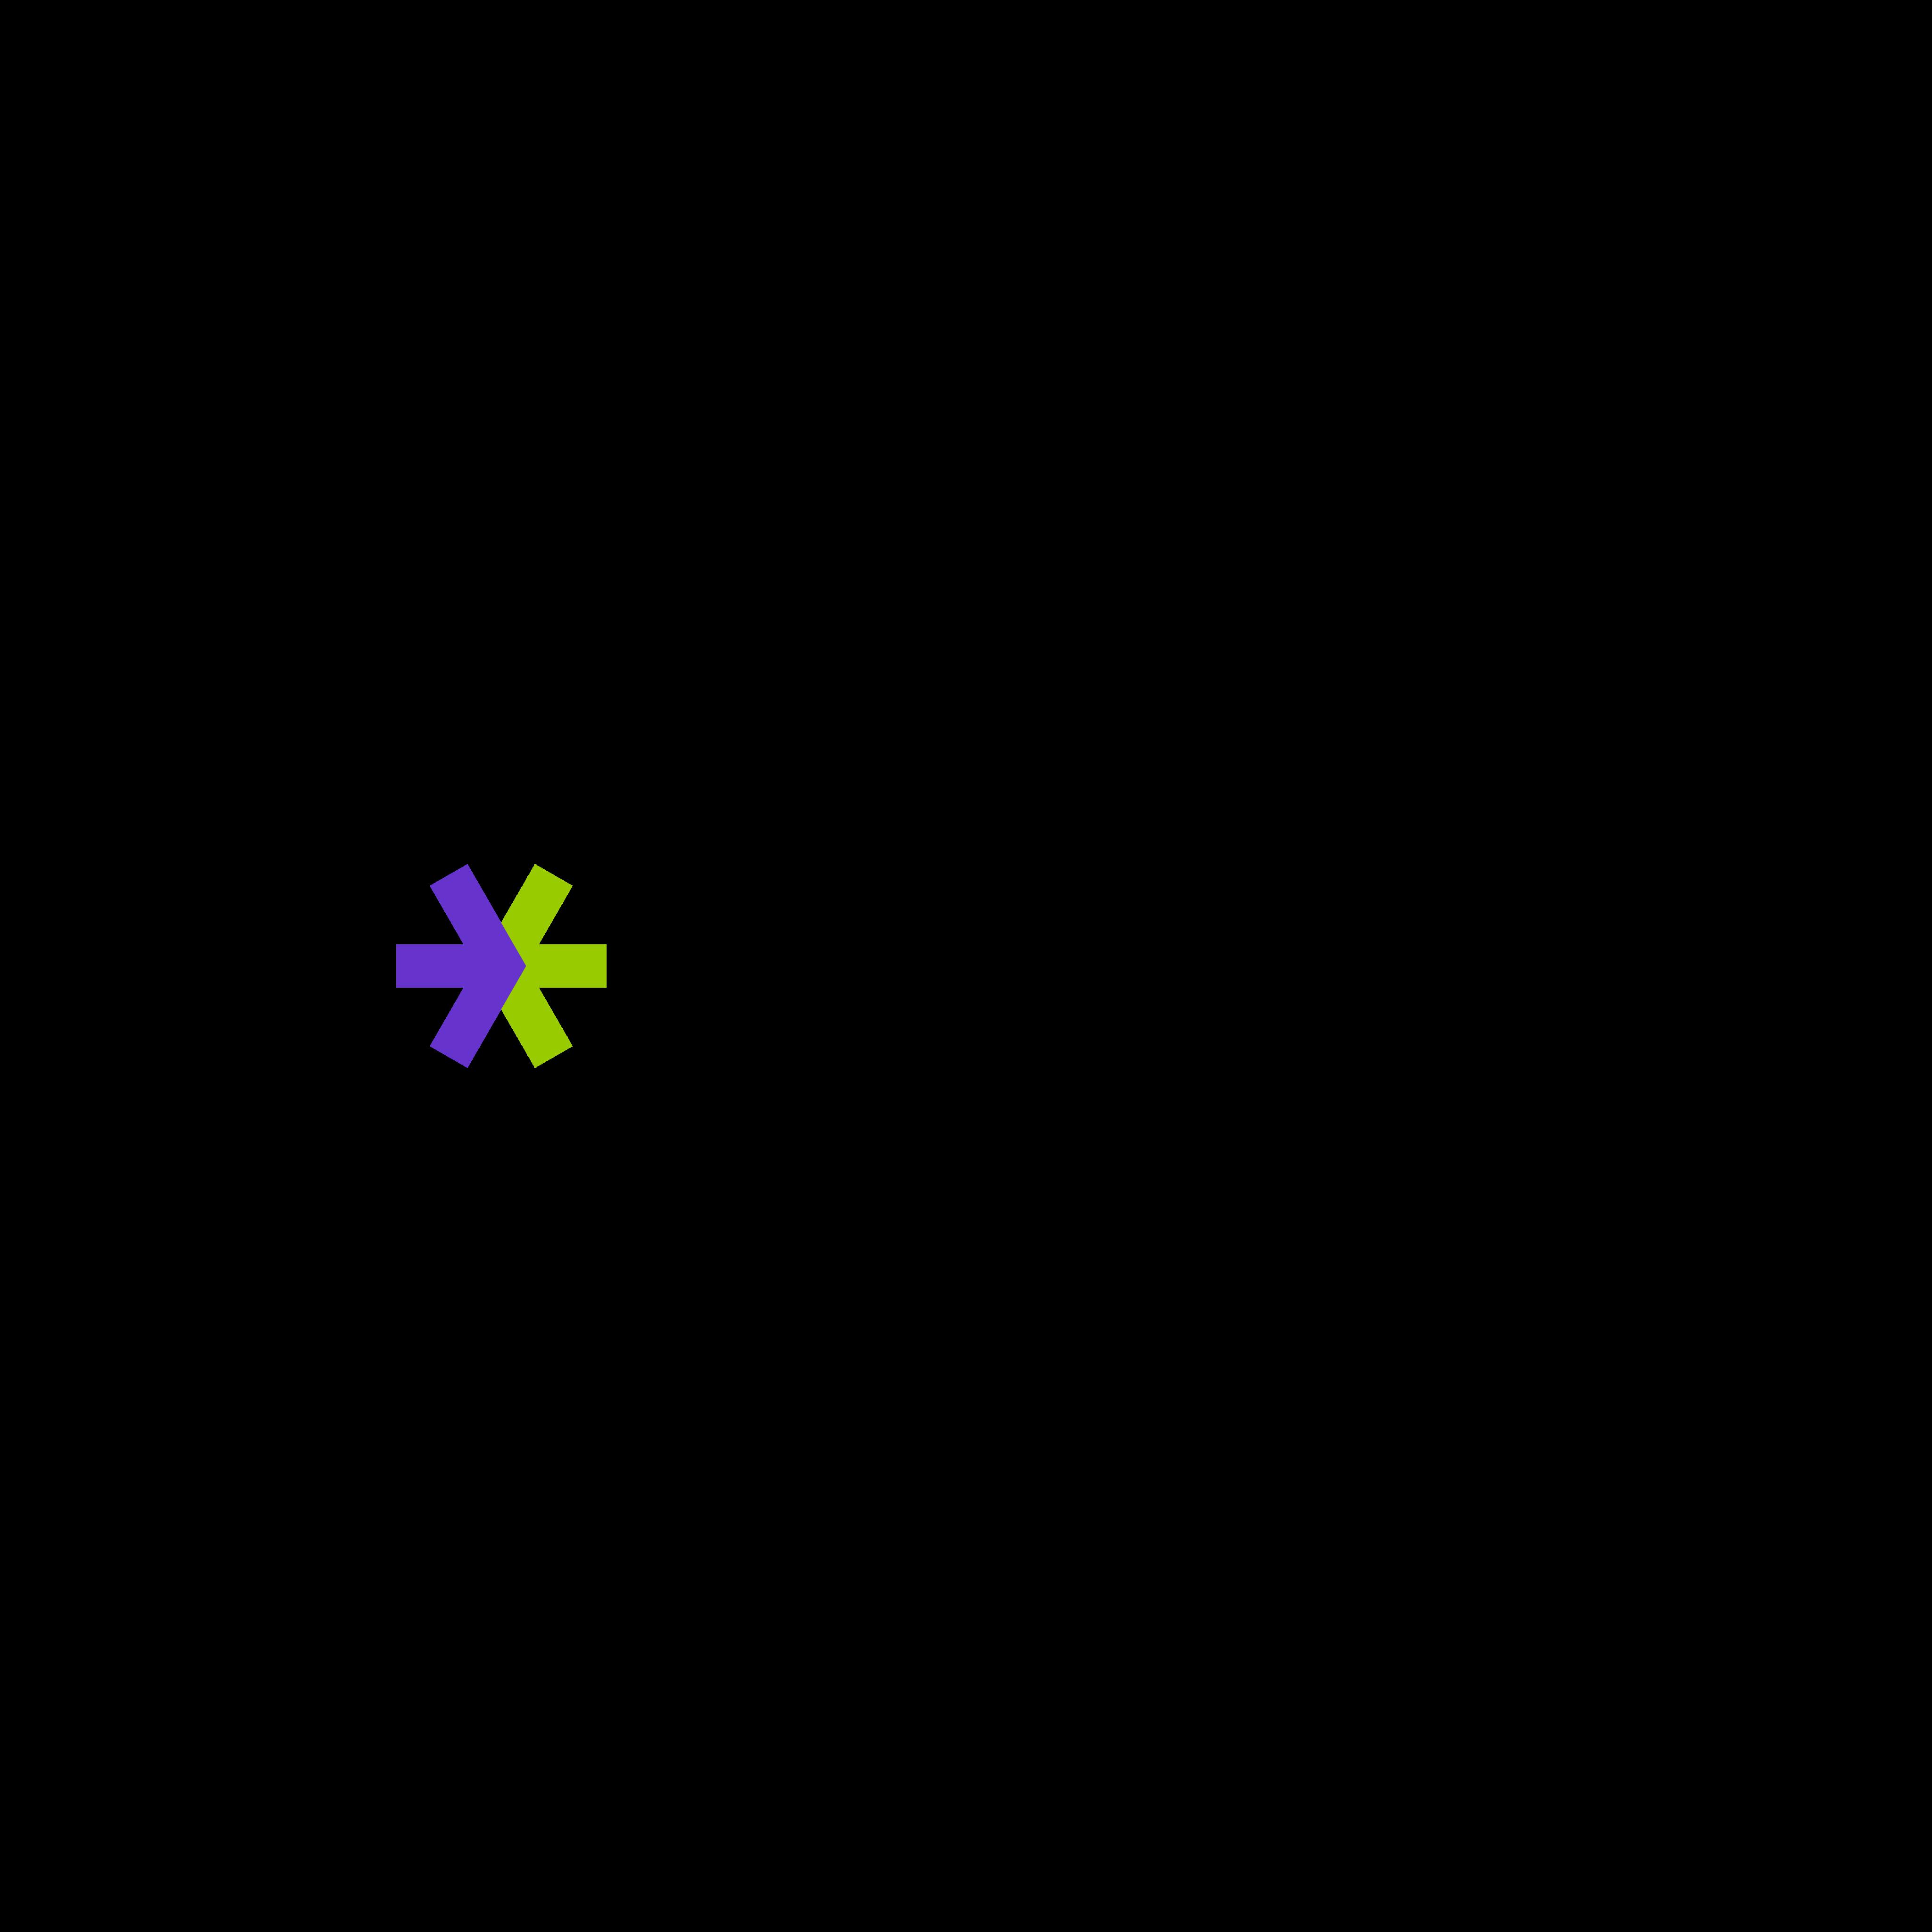 etrade logo 0 - E*TRADE Logo